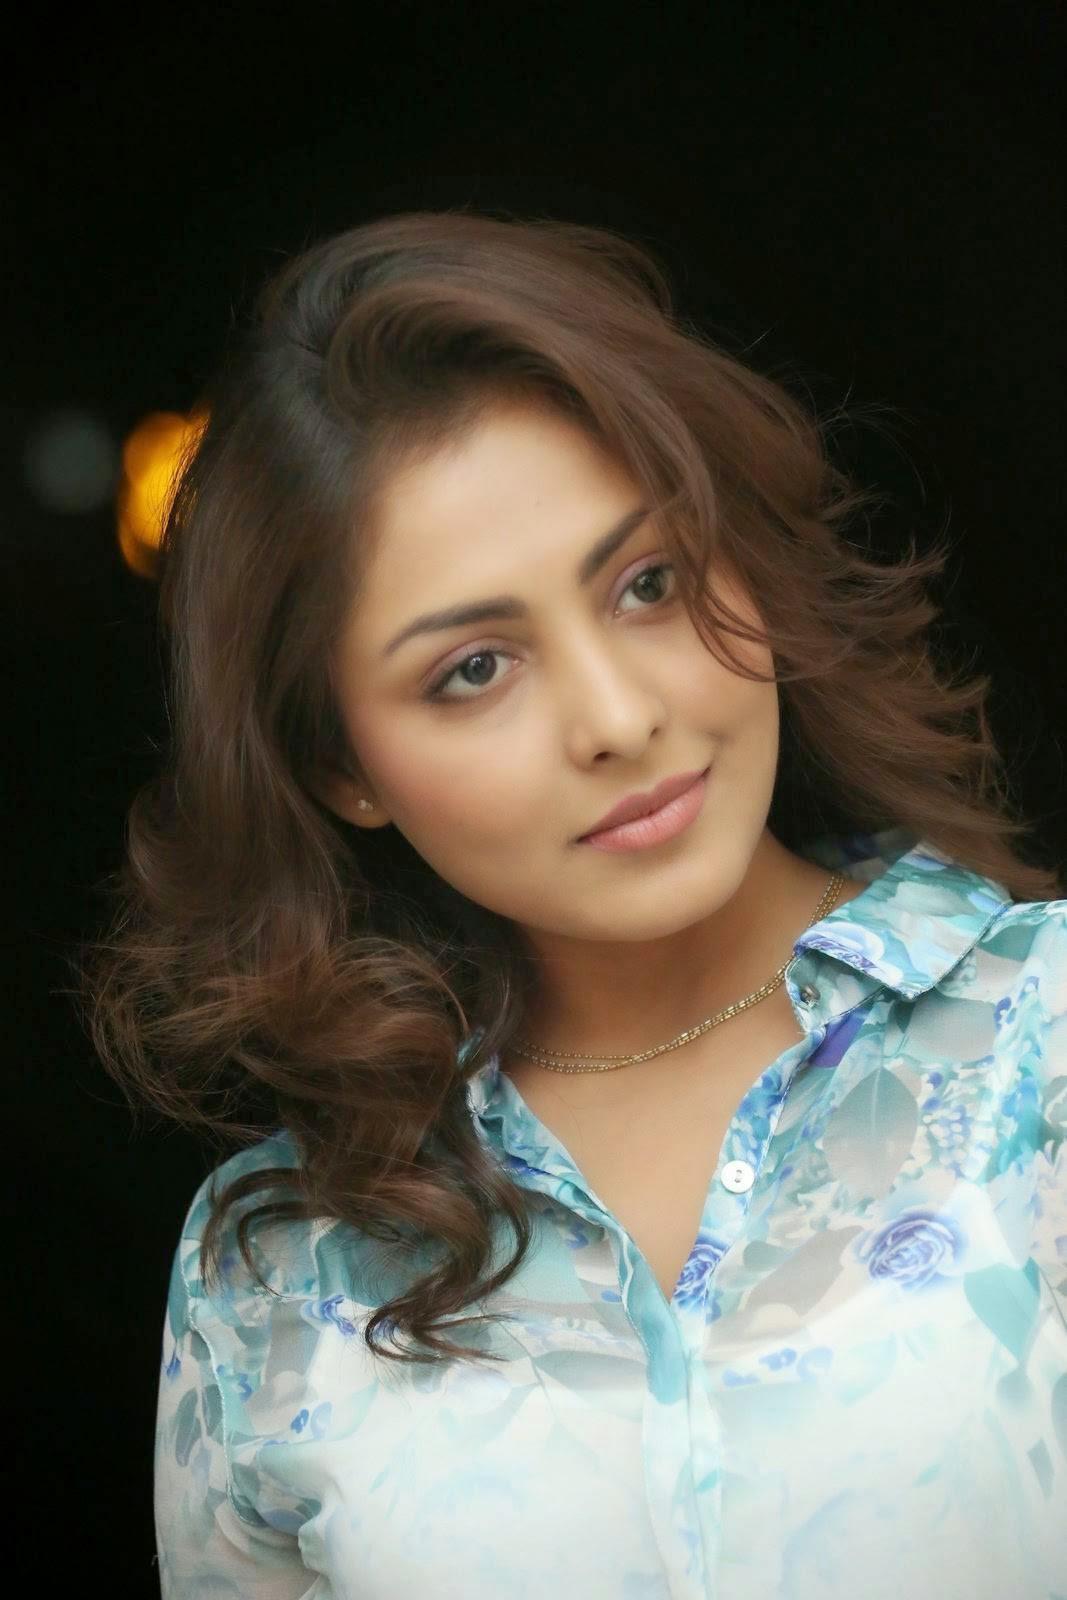 Madhu Shalini, Madhu Shalini Hot Face Close up images